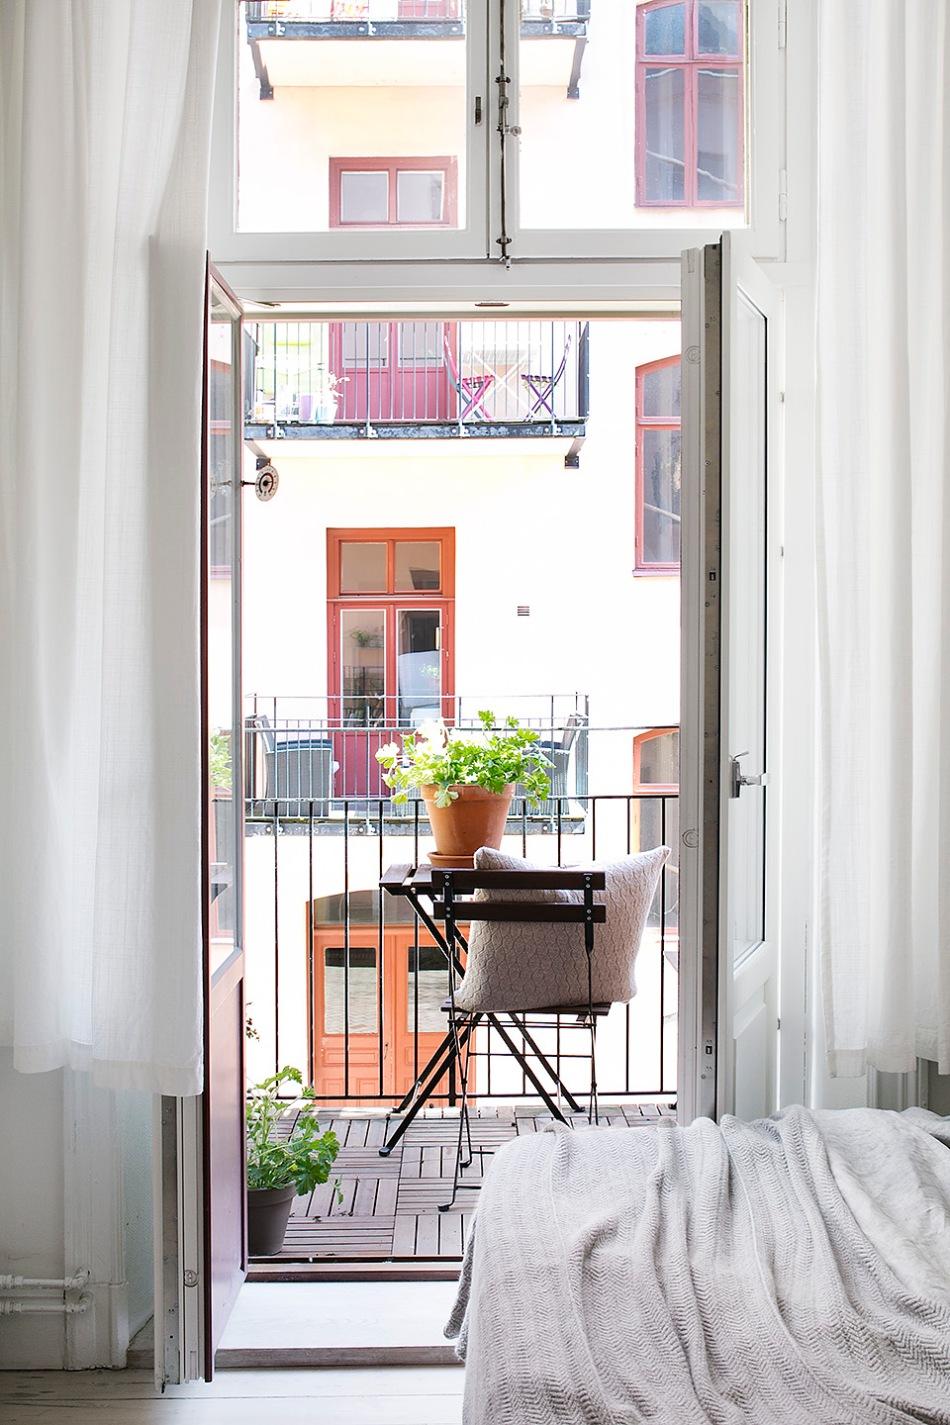 Vasastan sovrum utgång till balkong räcke blommor sommar